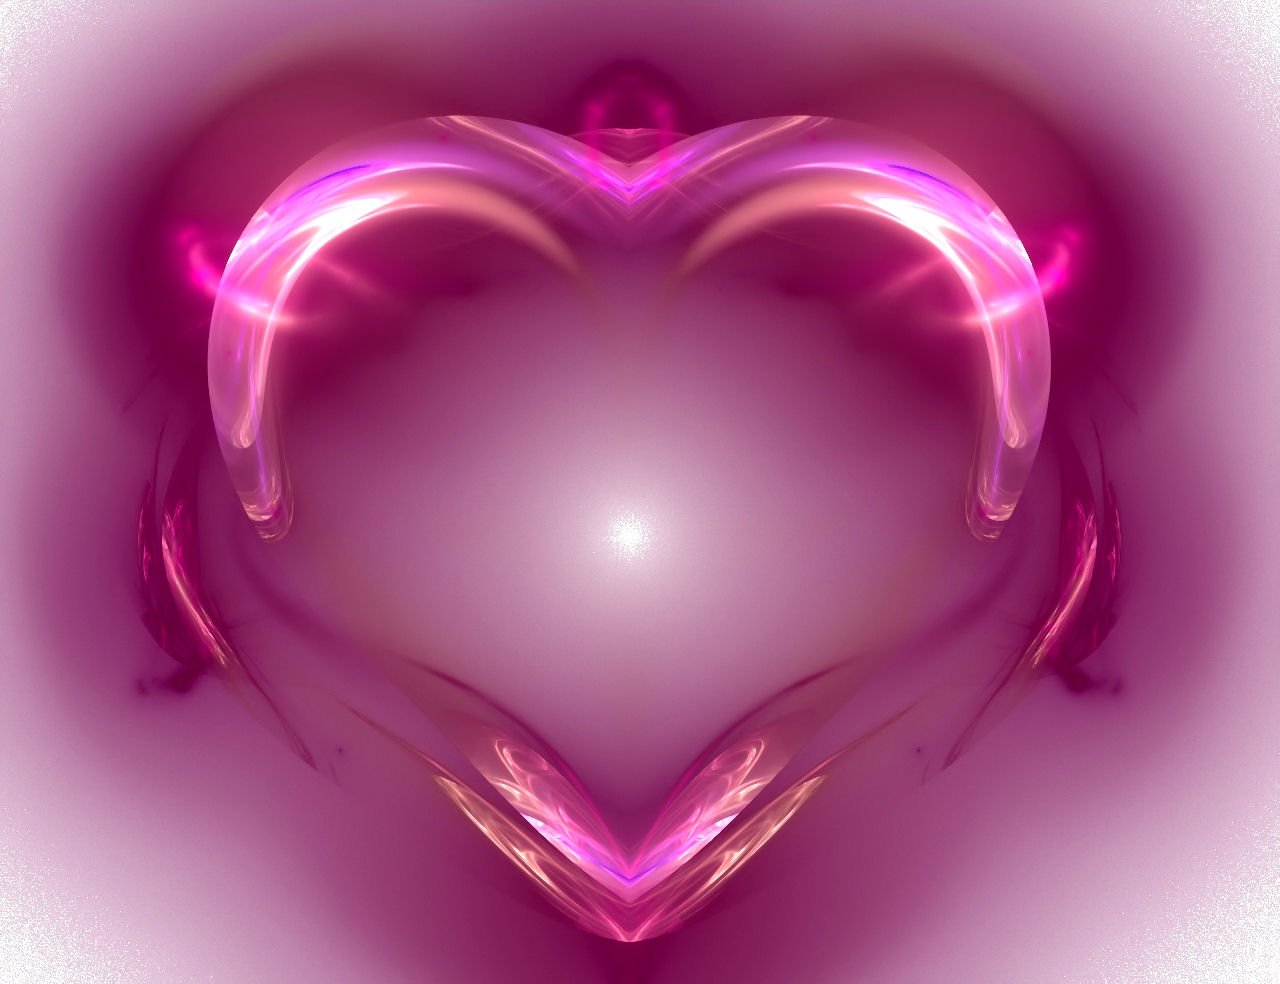 Cool love pink wallpapers wallpapersafari - Cool love images ...